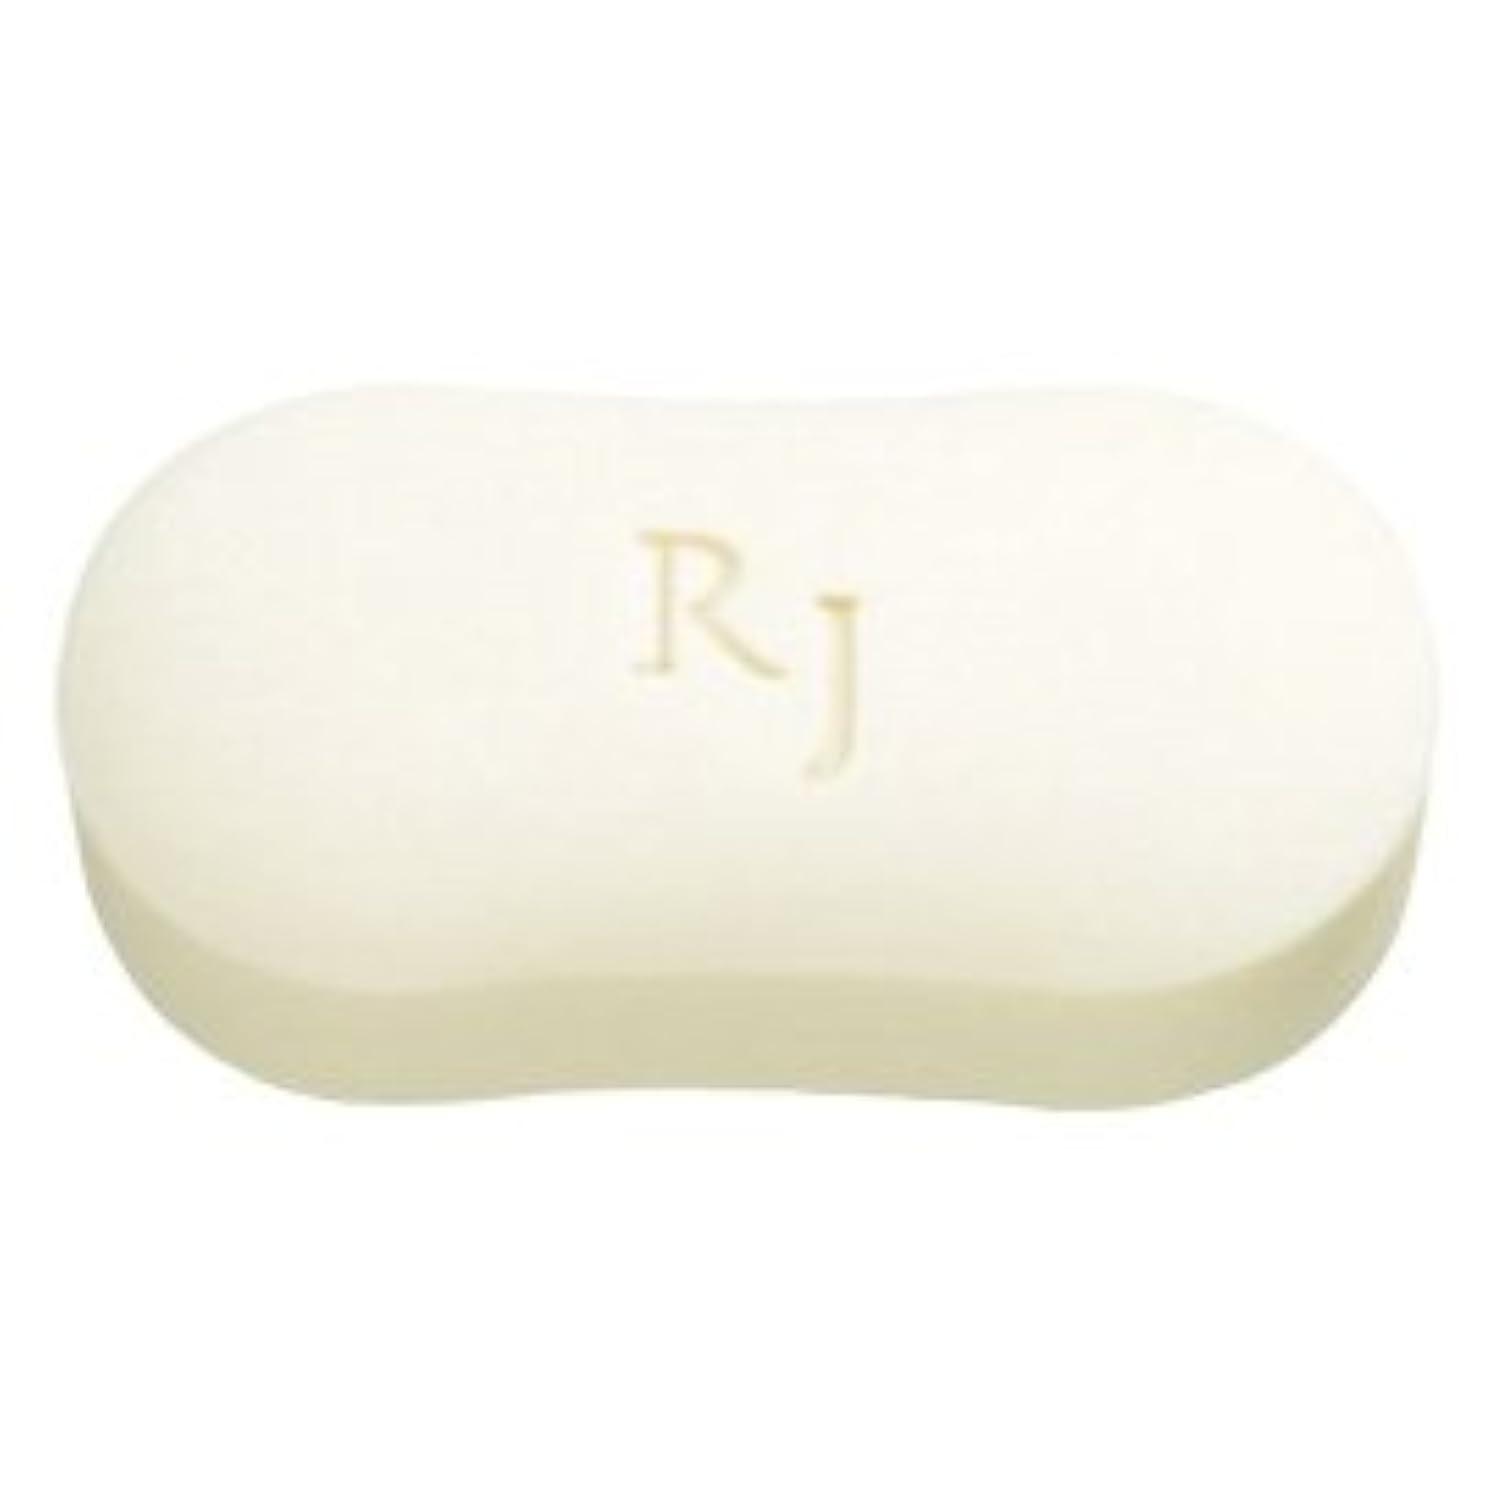 影響ねばねばお願いしますRJホワイトソープ(洗顔石鹸?ボディソープ) 脂性肌用 120g/Royal Jelly White Soap<120g>